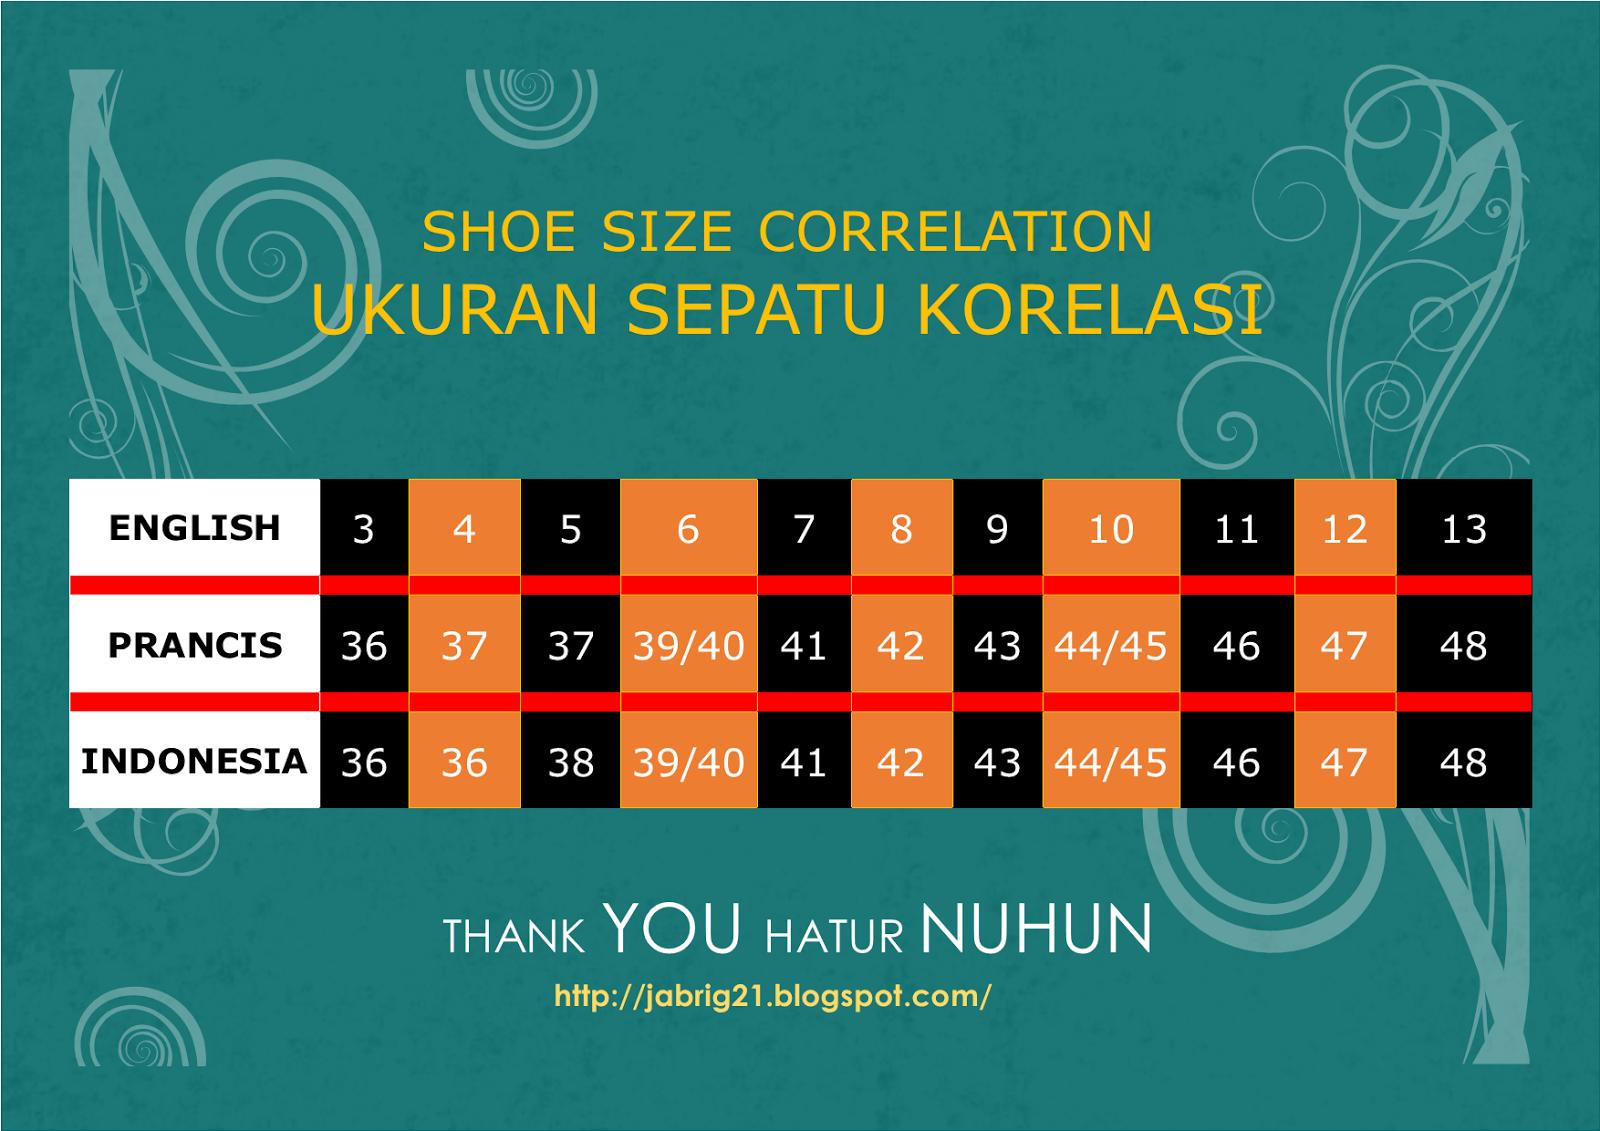 Blog Mang Nana Ukuran Sepatu Korelasi King Safety